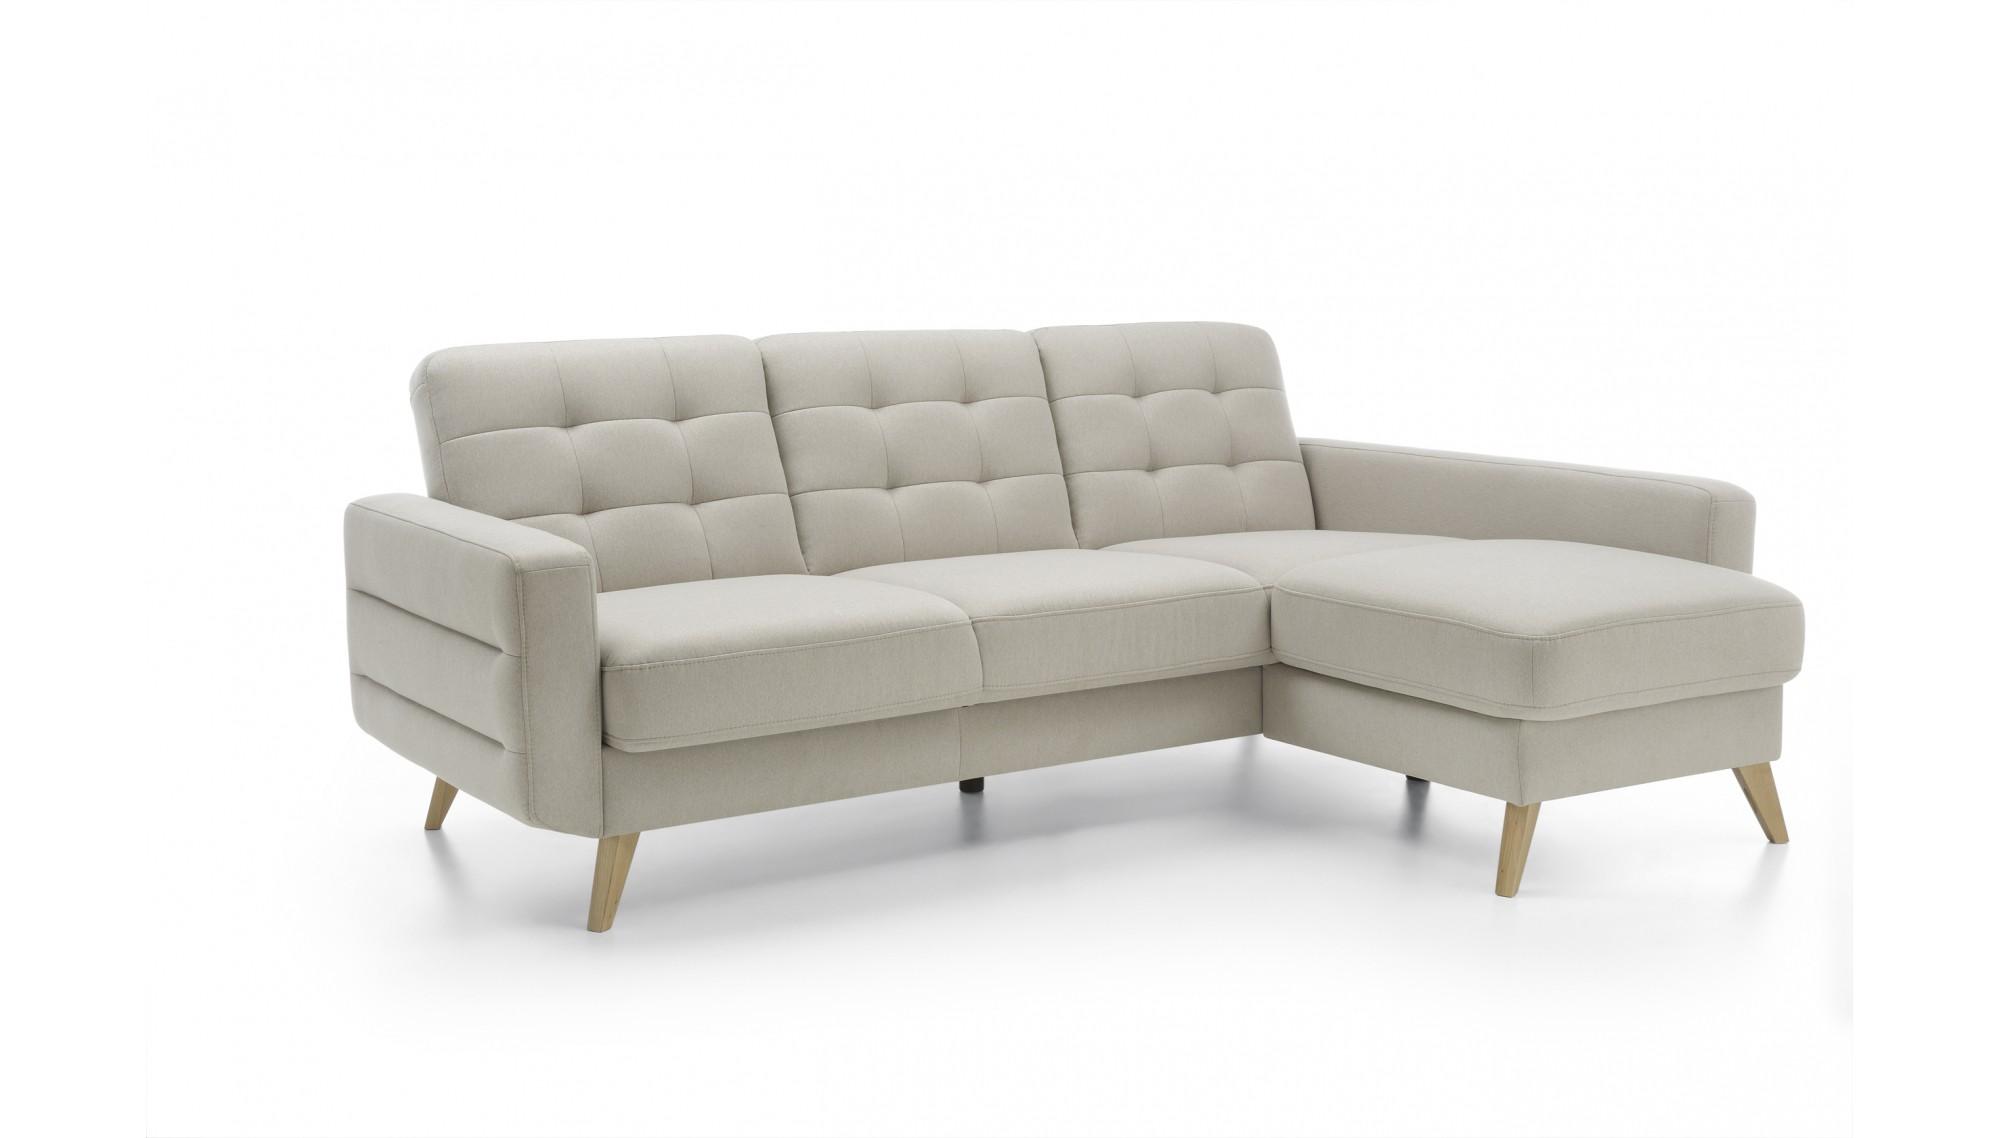 Rohová sedačká s možnosťou rozloženia na posteľ a úložným priestorom